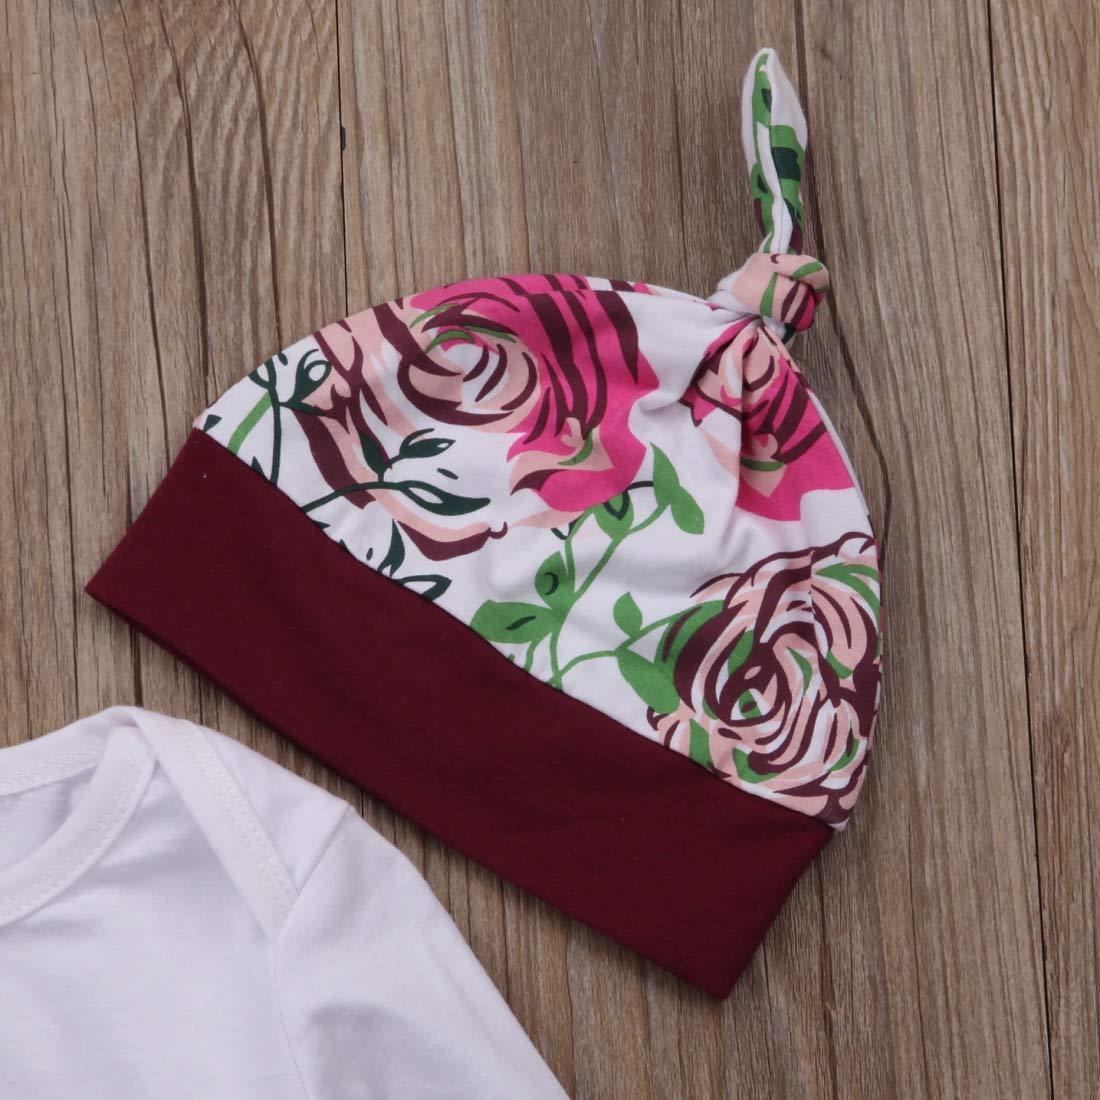 Blumenhosen-Gamaschen Hut-Ausstattungen stellten Kleidung f/ür 0-18M EIN PERILA Neuester neugeborener Baby-Oberseiten-Spielanzug